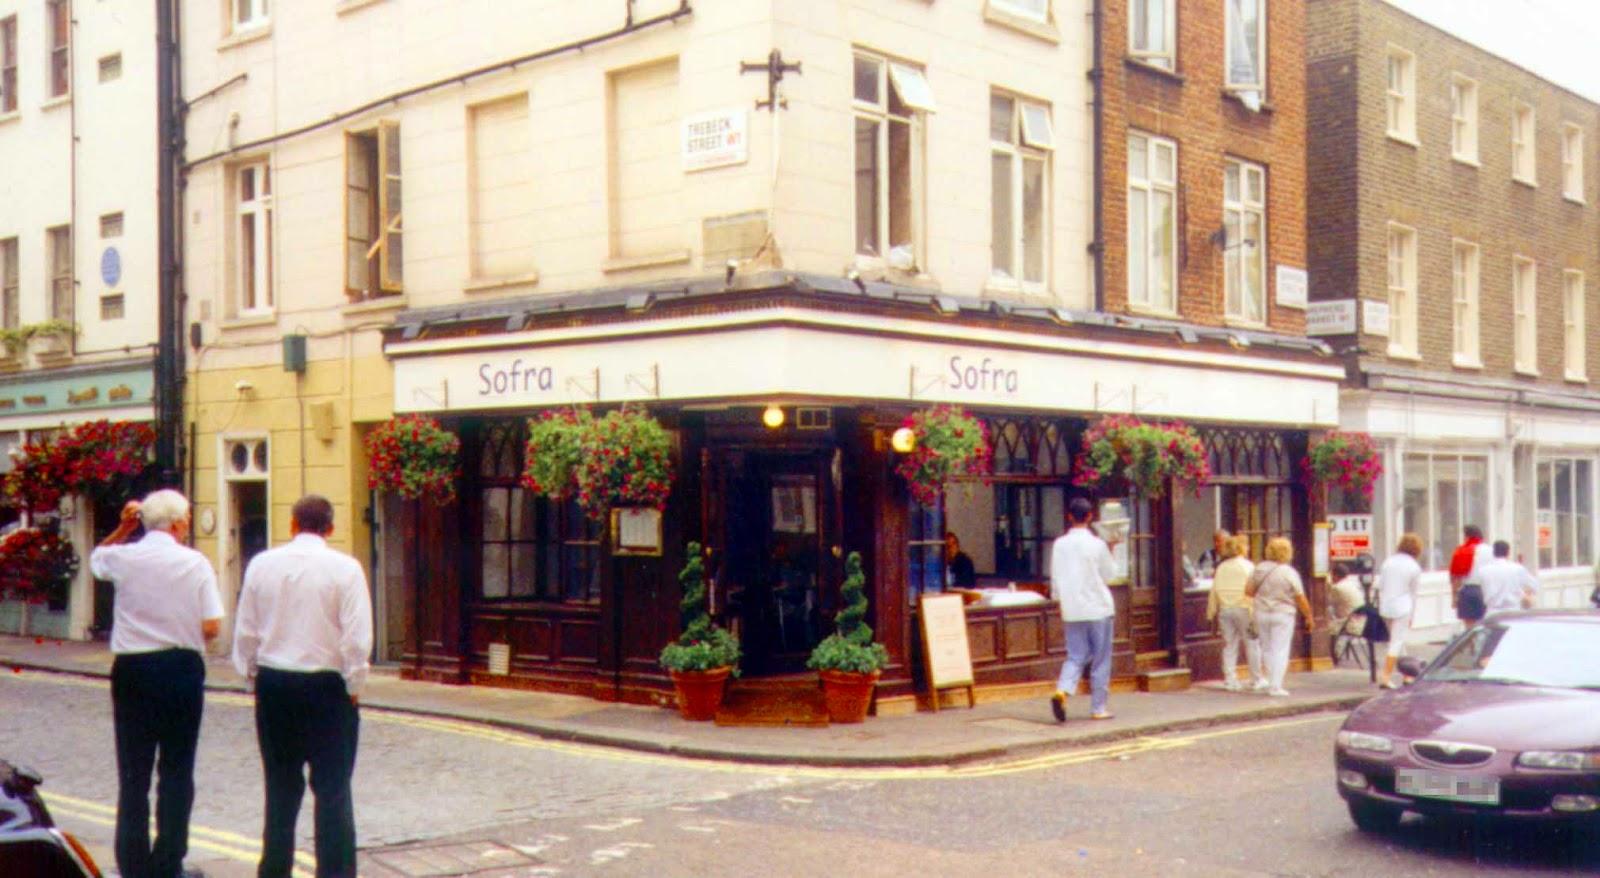 Restaurante-Sofra-Londres-Inglaterra